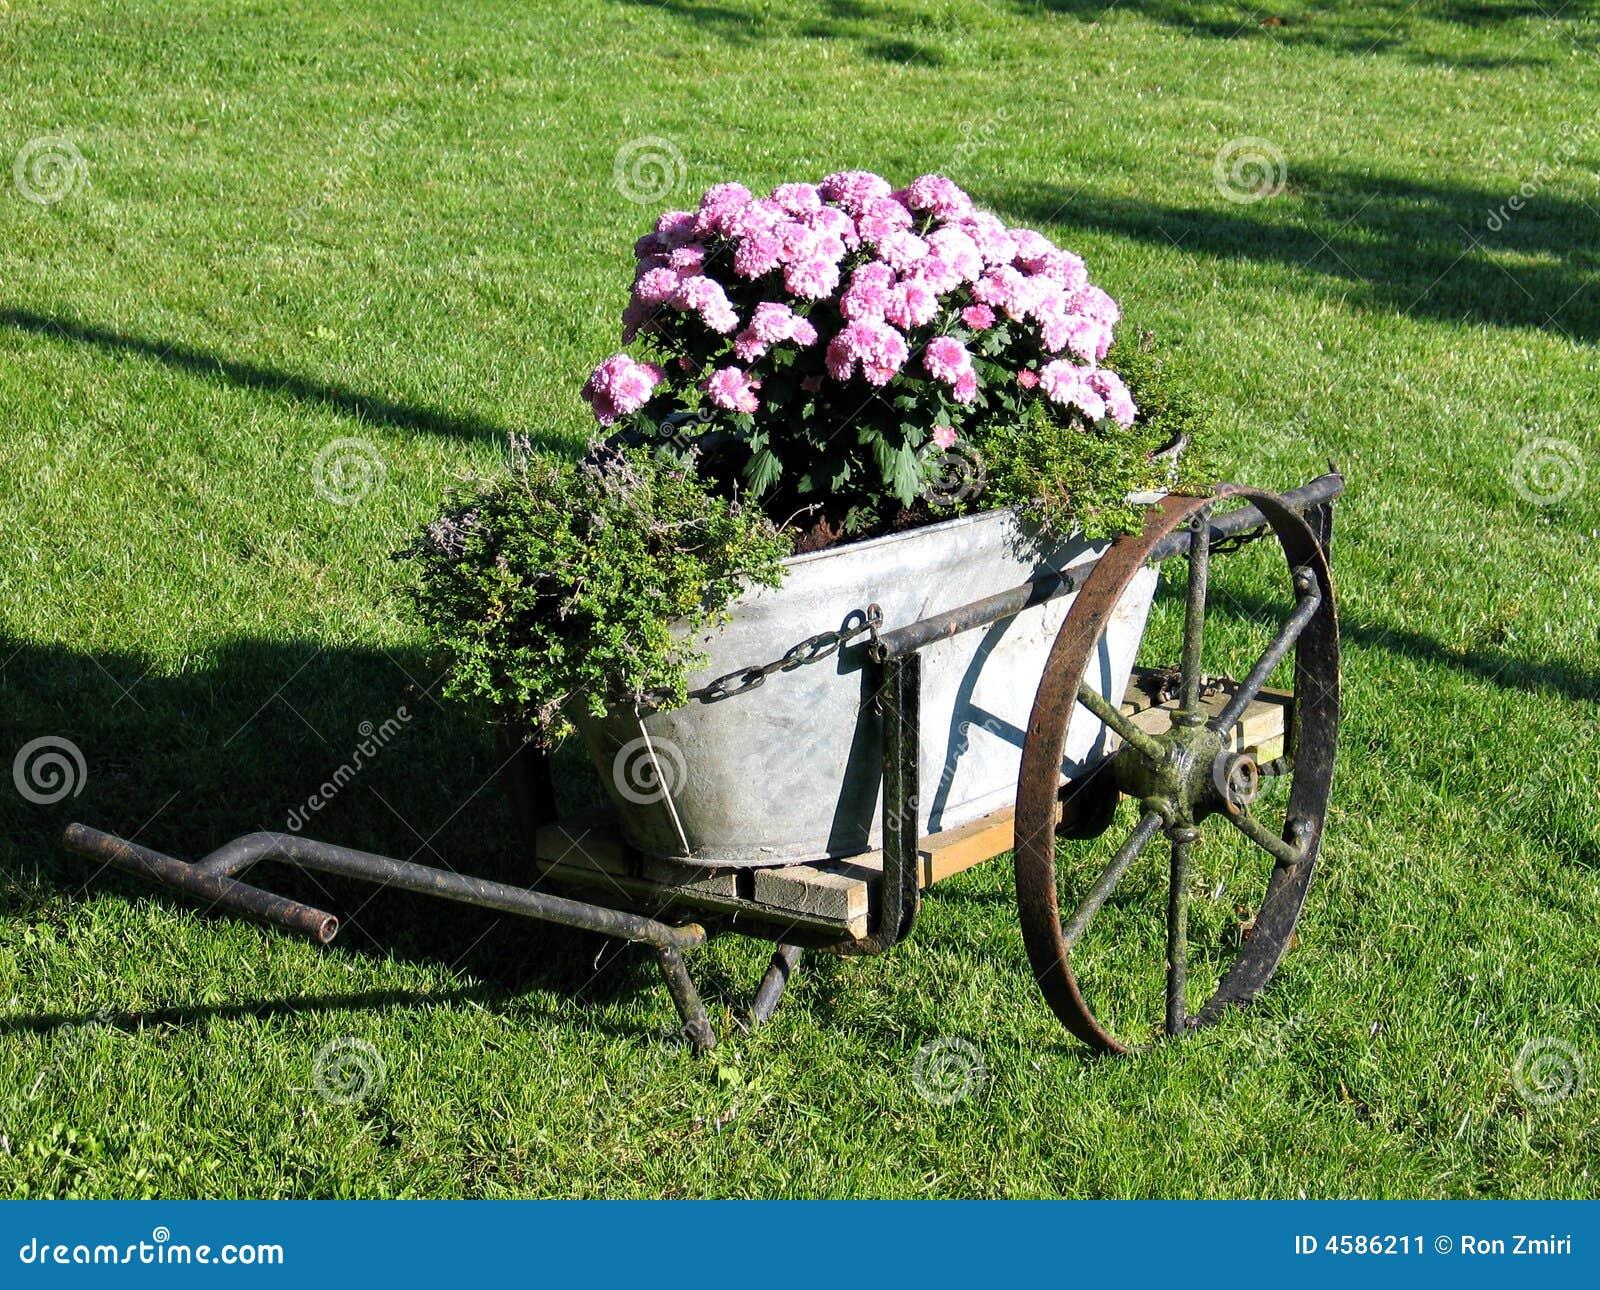 Décor De Jardin Dans Le Vieux Chariot Image Stock Image Du été